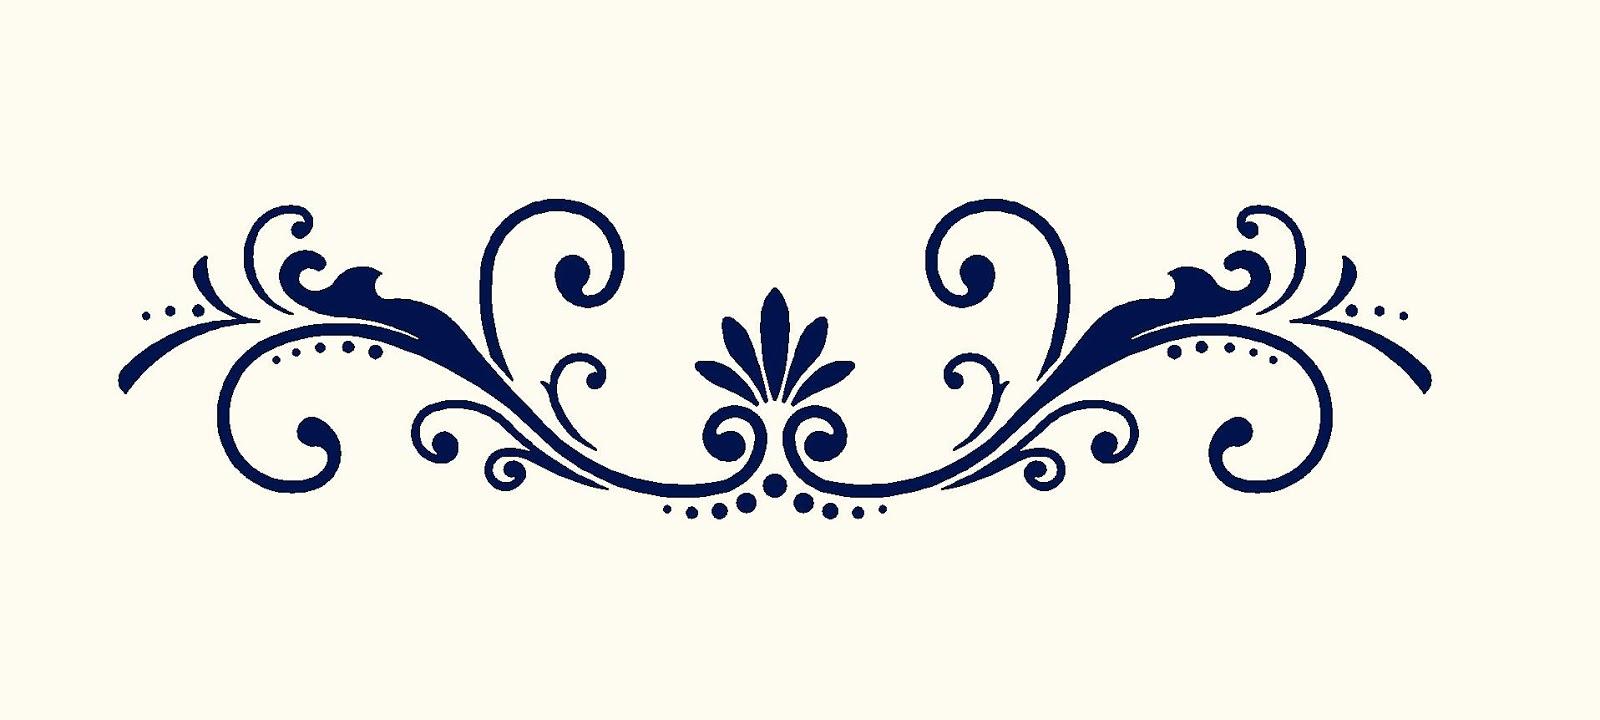 Трафареты для декора своими руками шаблоны для